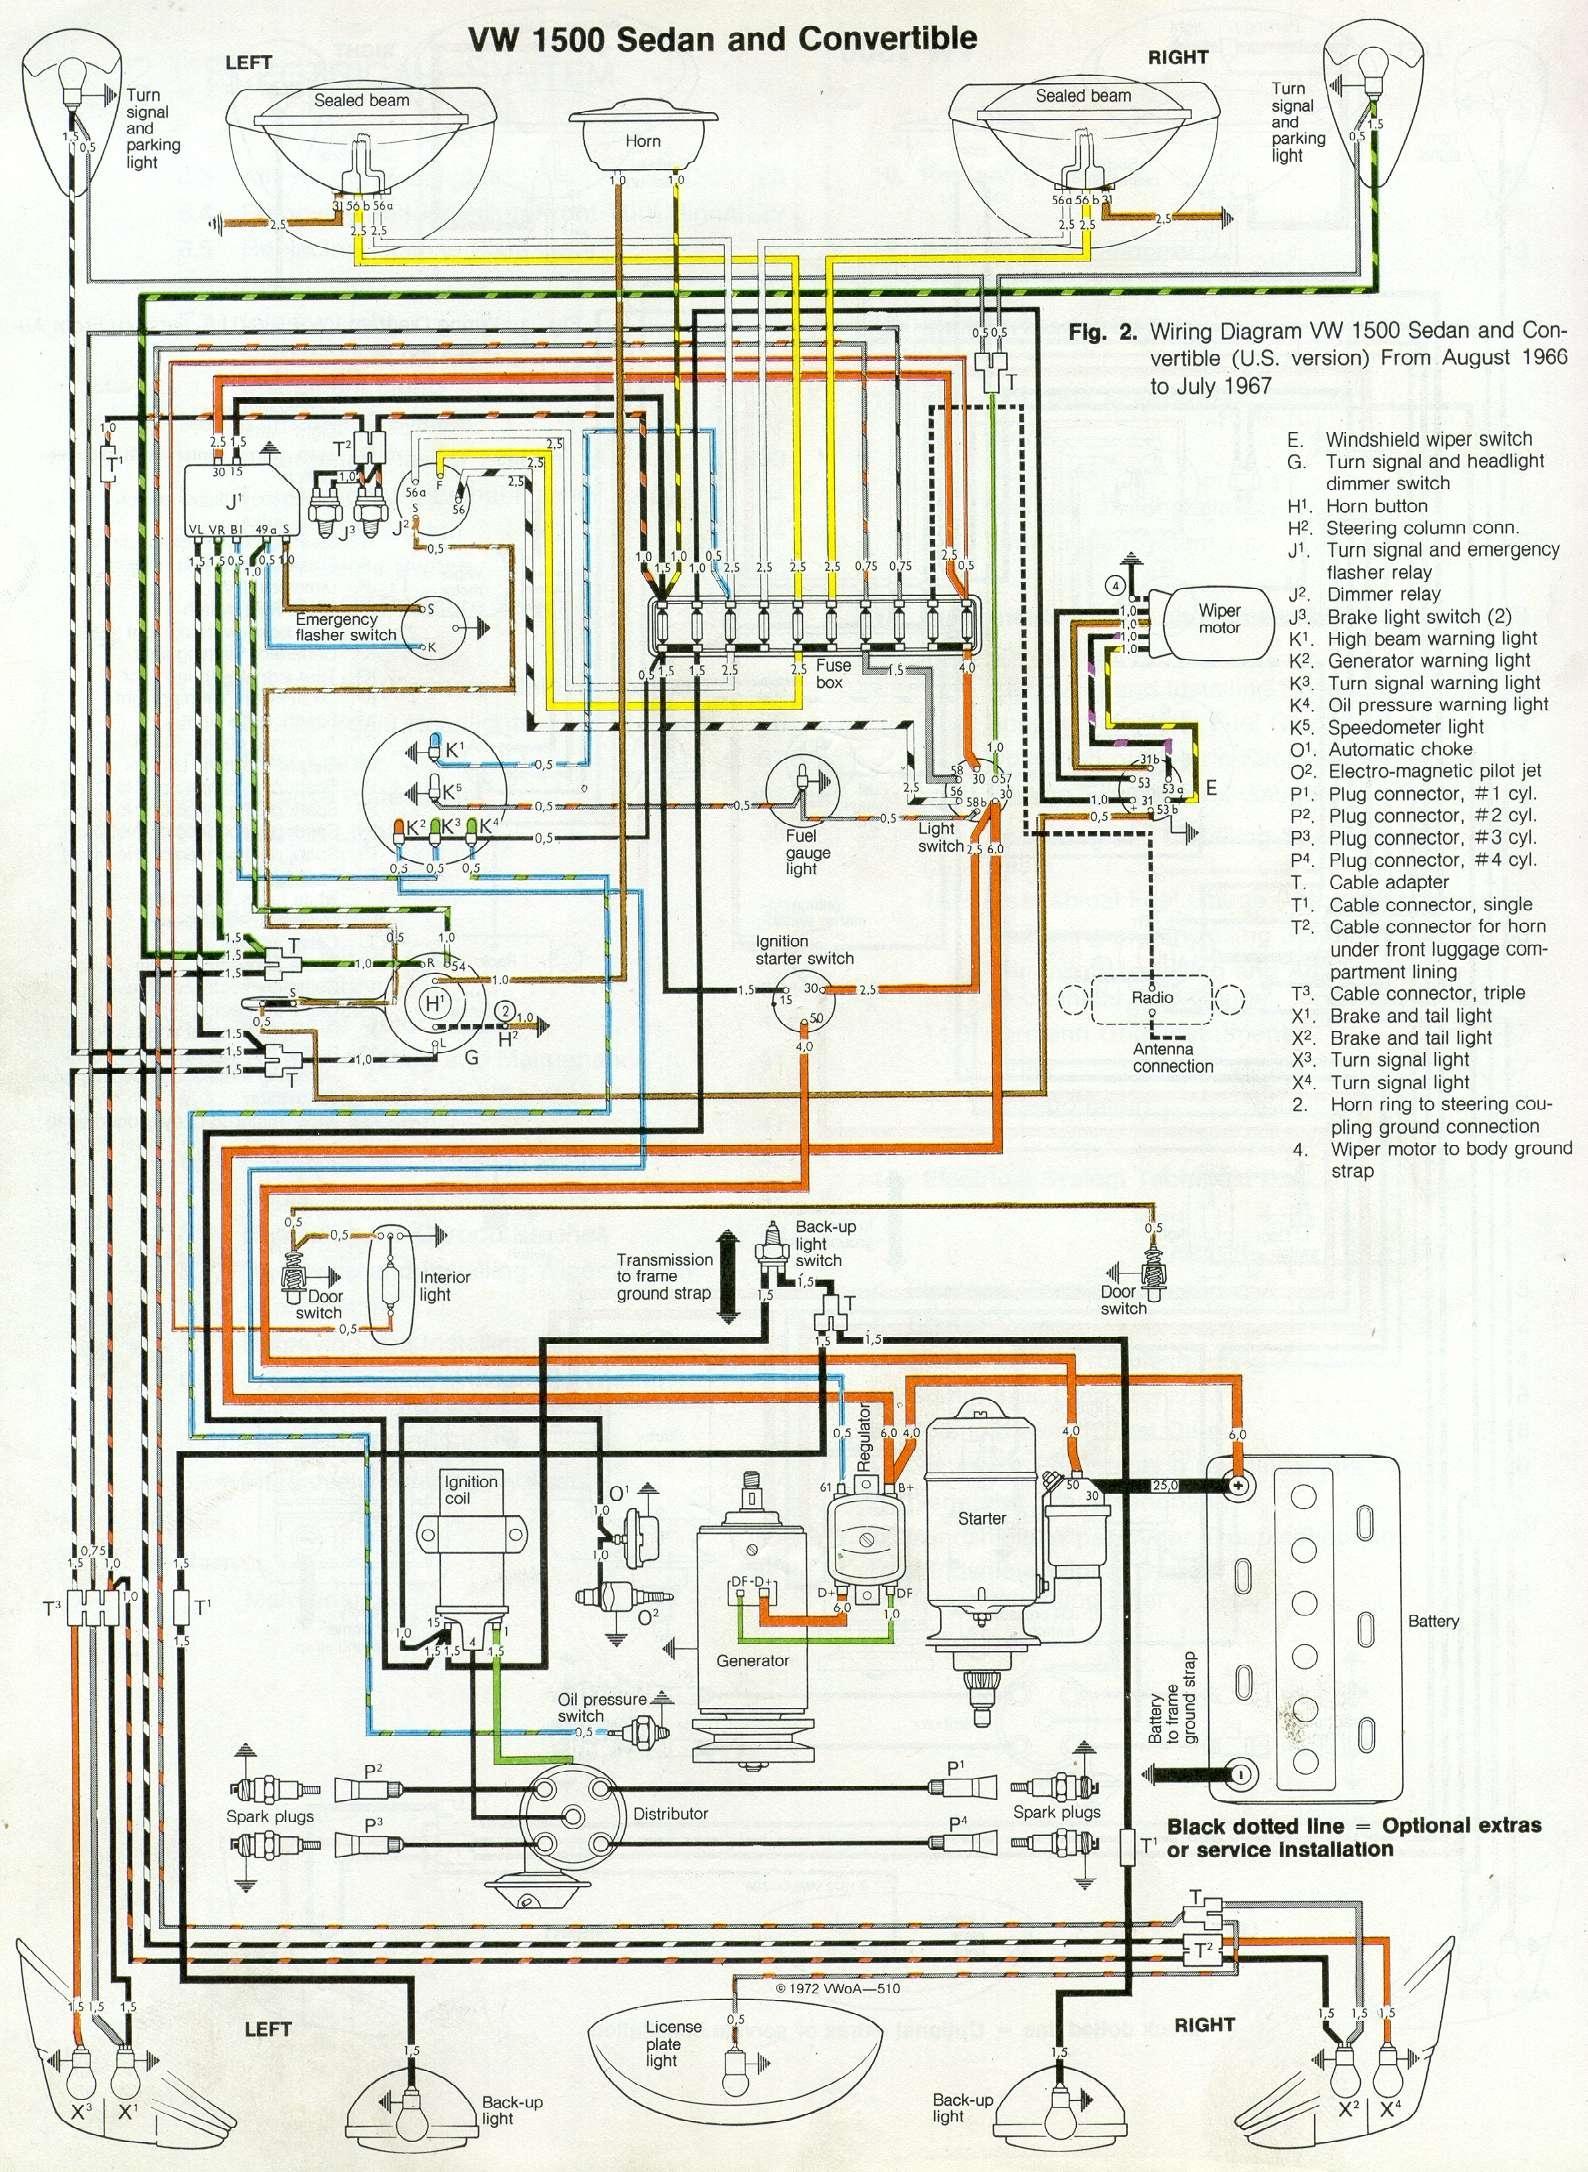 1963 Vw Beetle Wiper Motor Wiring Diagram Electrical Wiring Diagrams VW  Beetle Diagram Volkswagen Wiring Diagram 1963